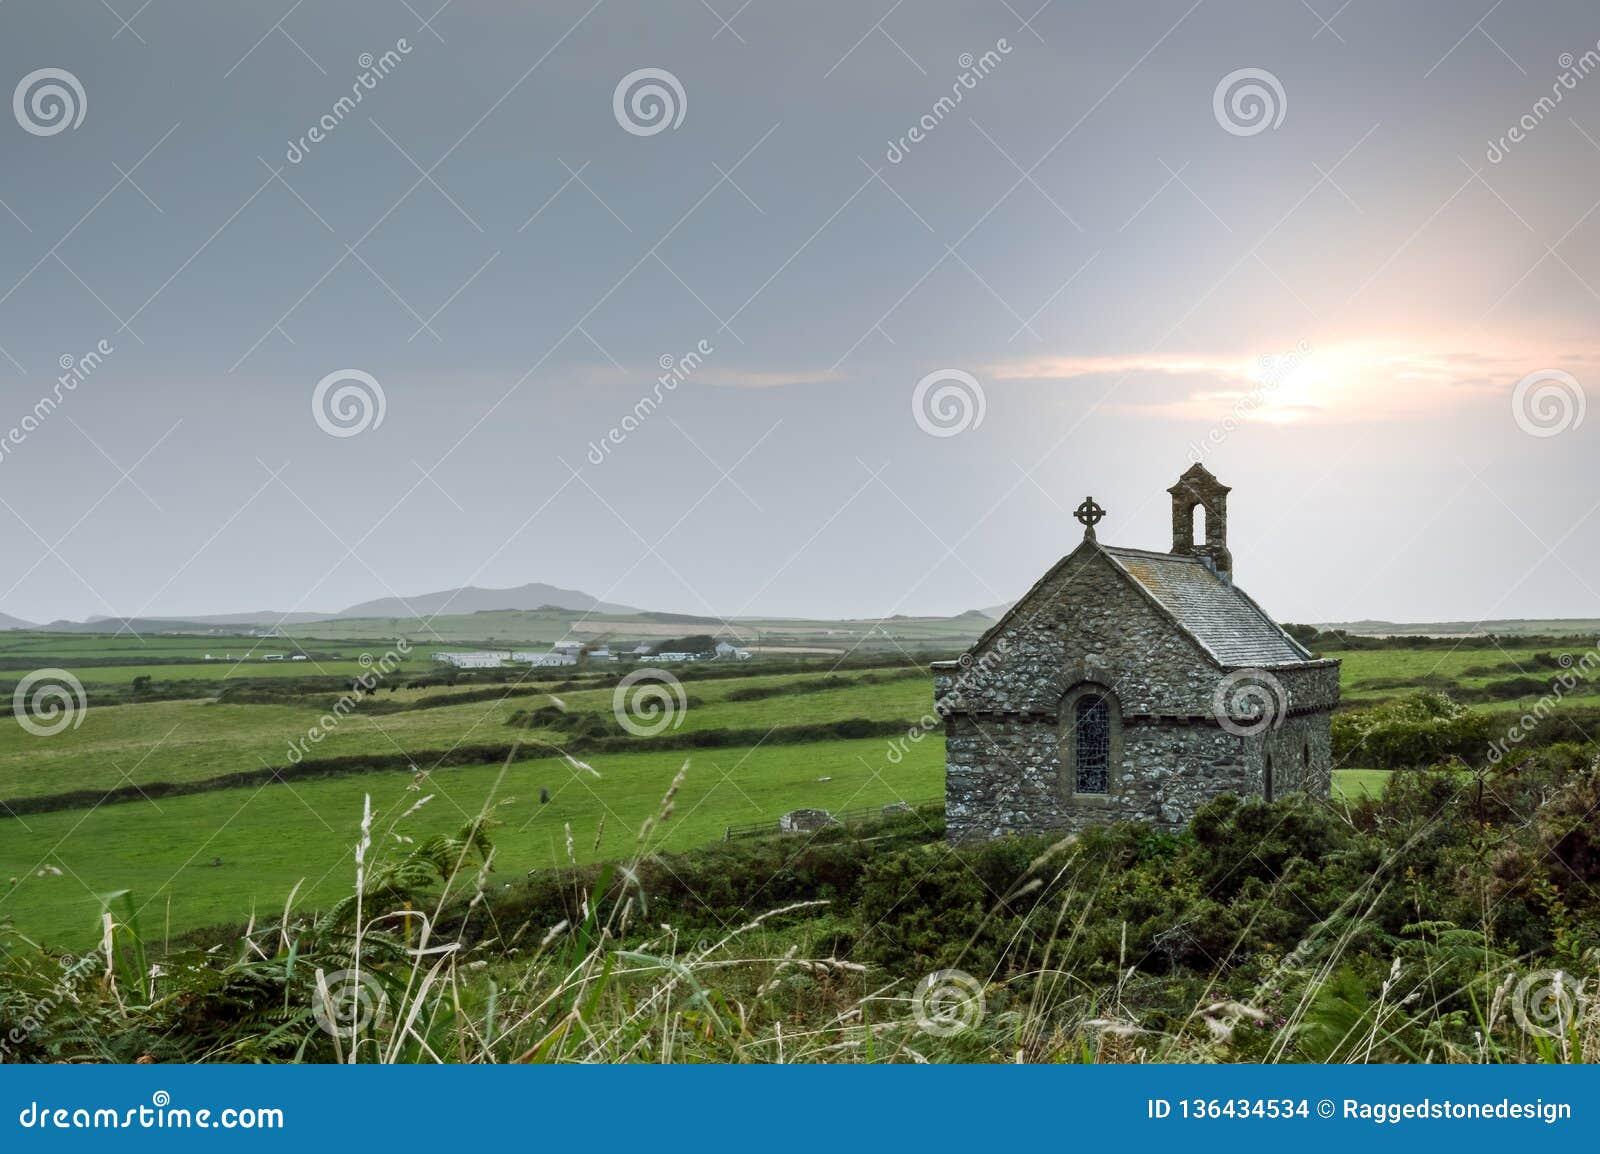 Odosobniona St Non kaplica z słońca położeniem za nim w Pembrokeshire, Walia